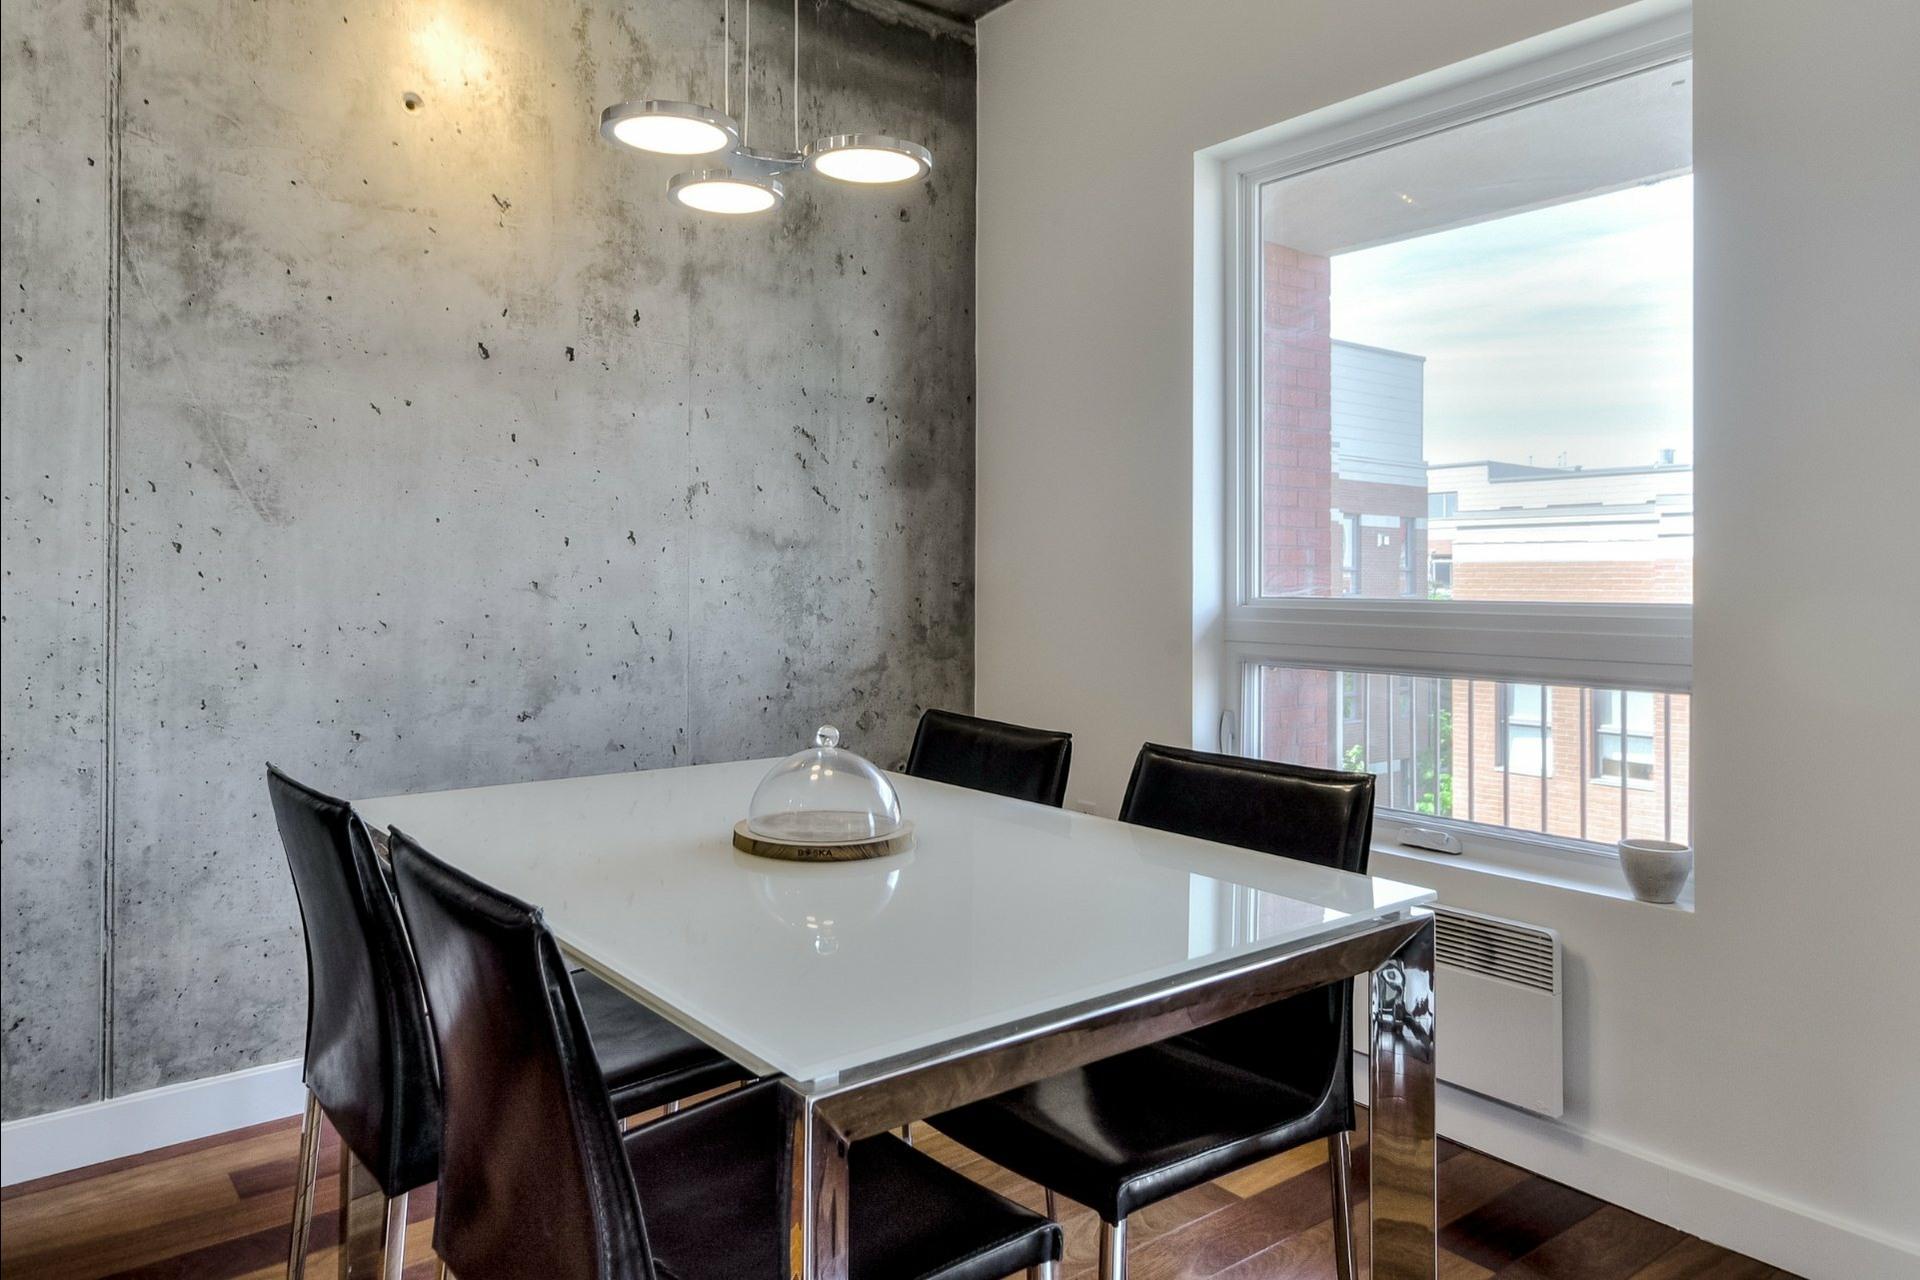 image 5 - Appartement À vendre Montréal Le Plateau-Mont-Royal  - 6 pièces